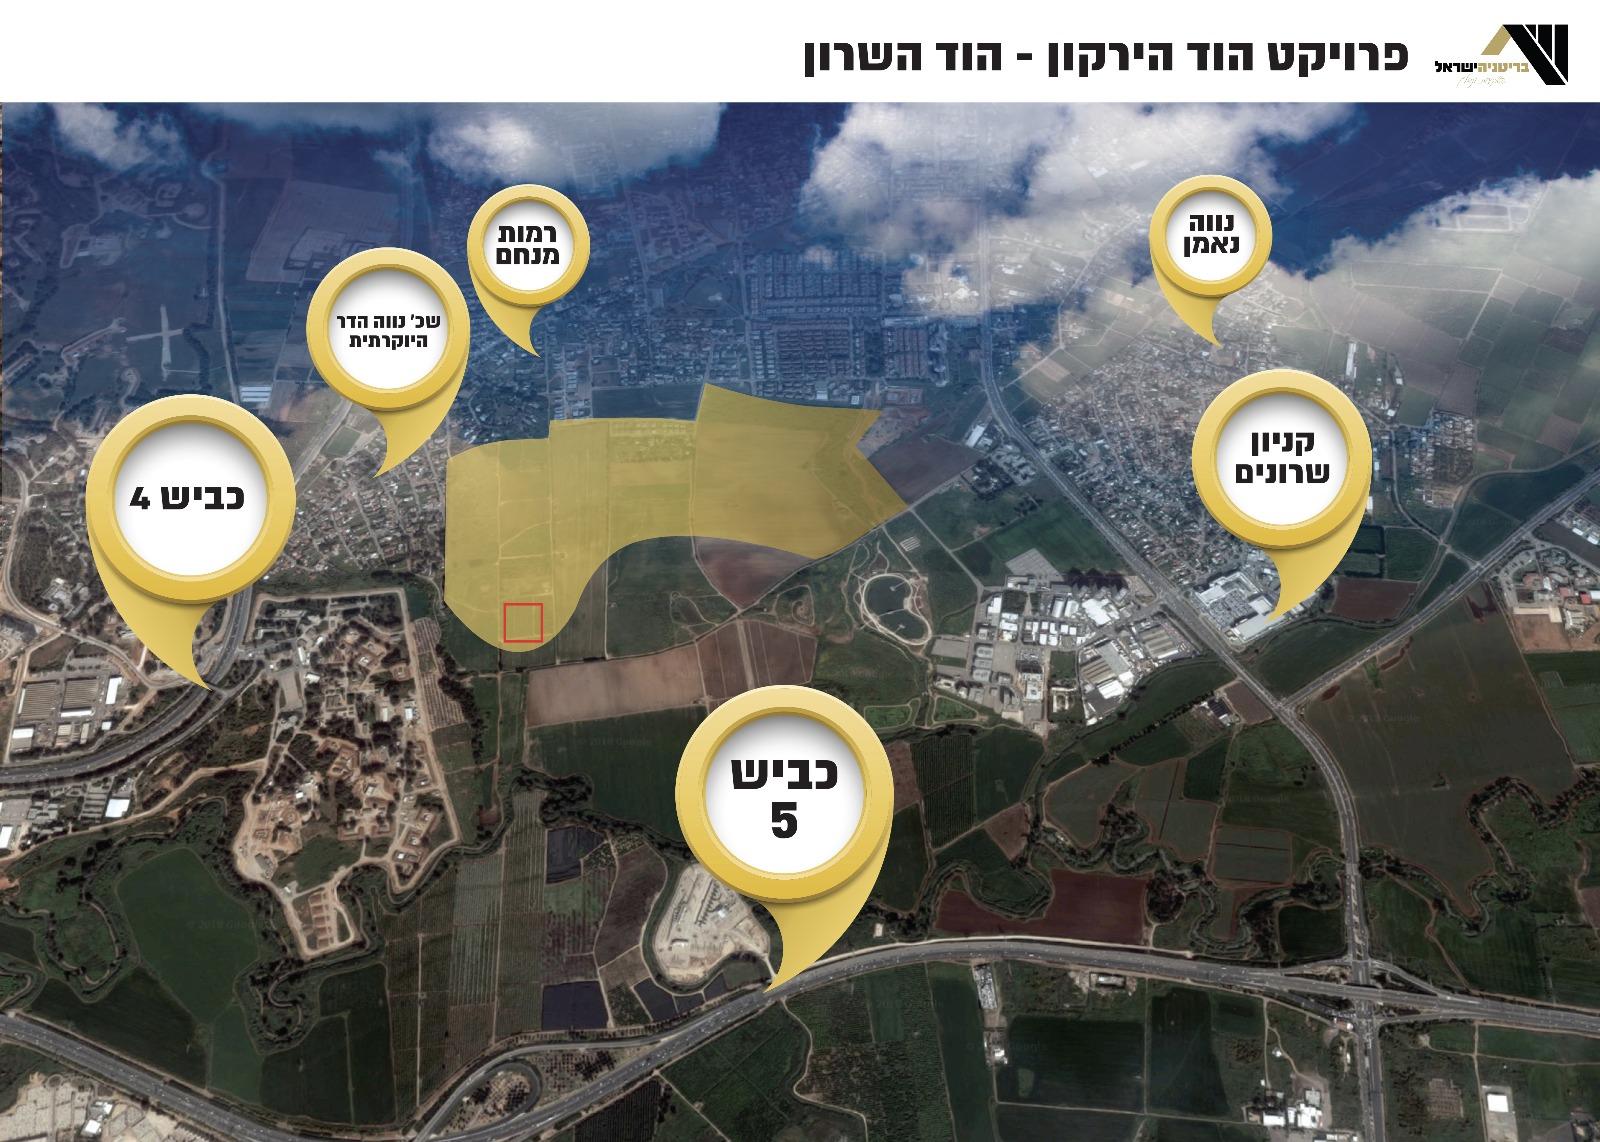 השקעה ביחידת קרקע במתחם הענק שישנה את פני השרון. החל מ-299,000 ₪